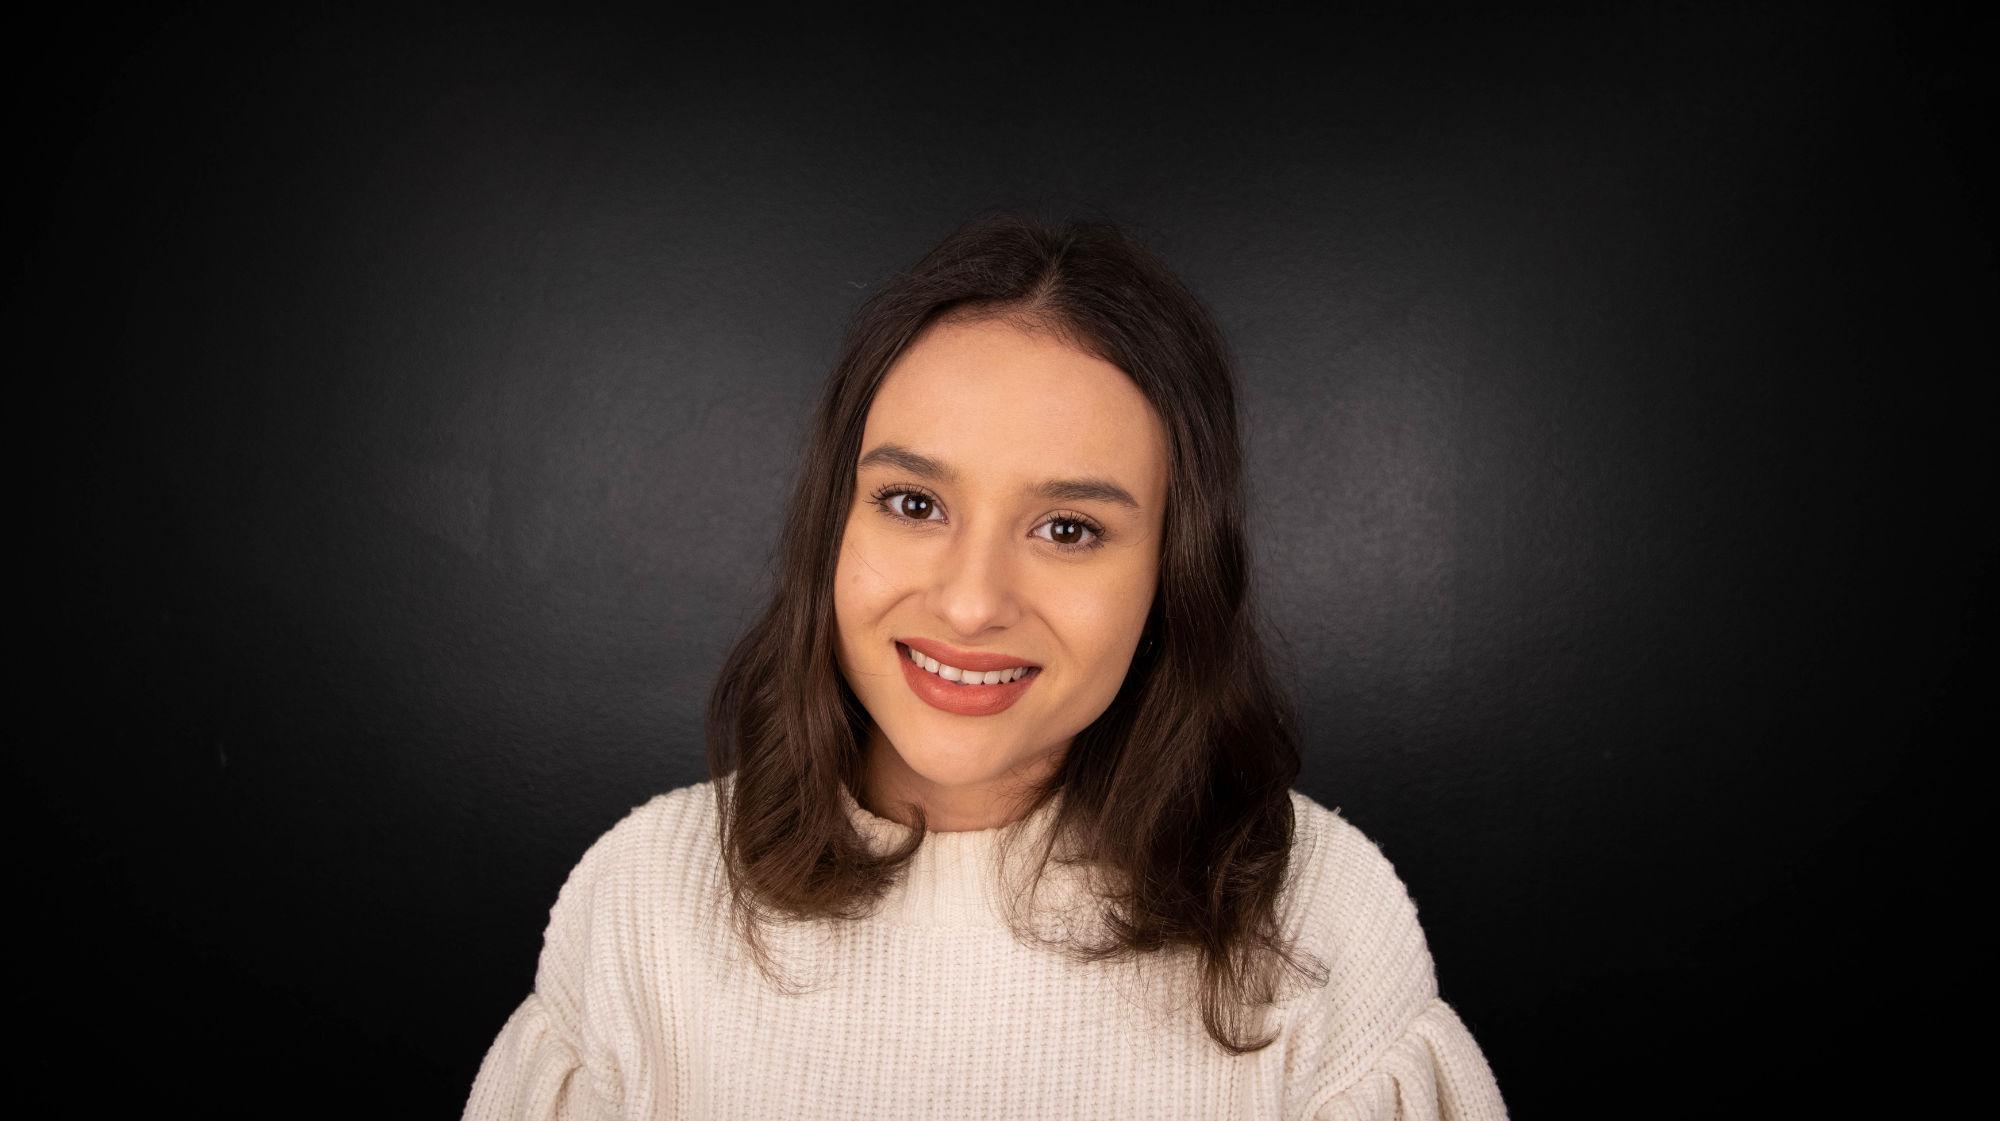 A picture of Sofia Leinonen